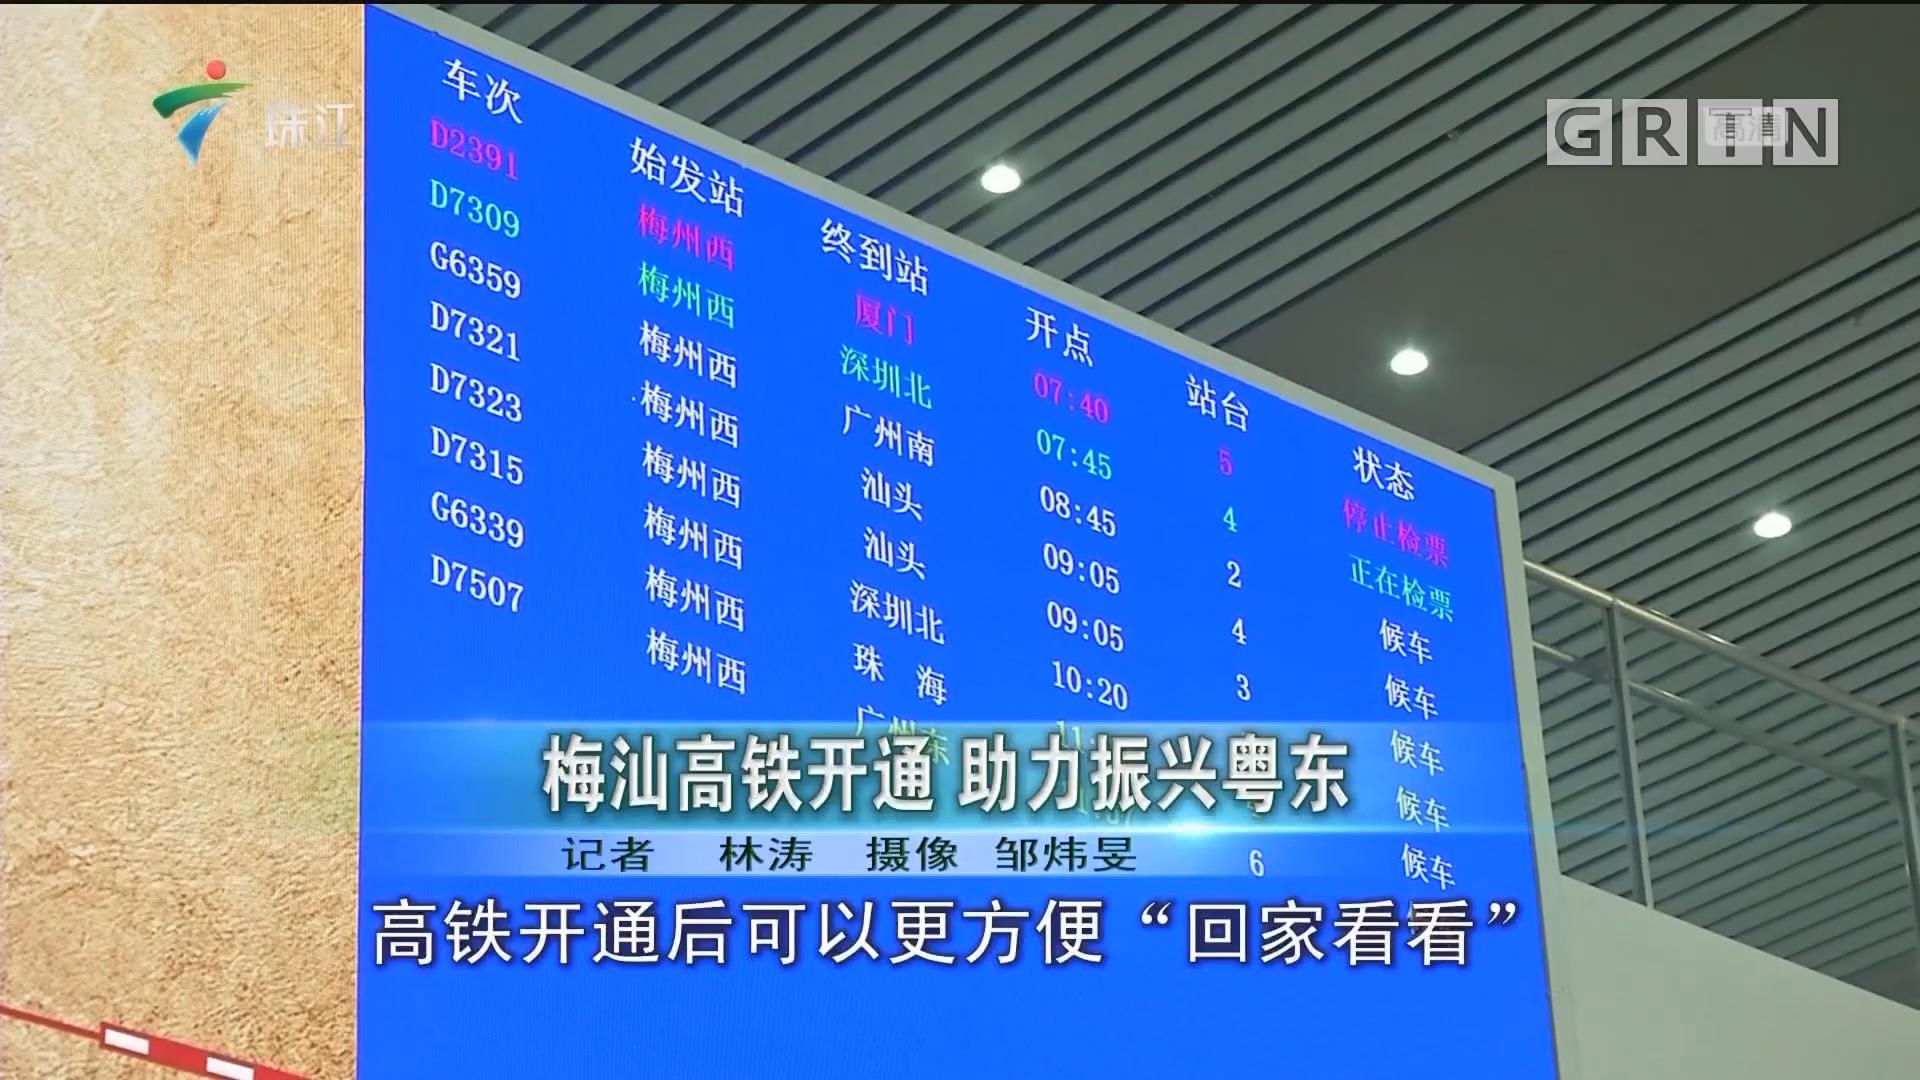 梅汕高铁开通 助力振兴粤东